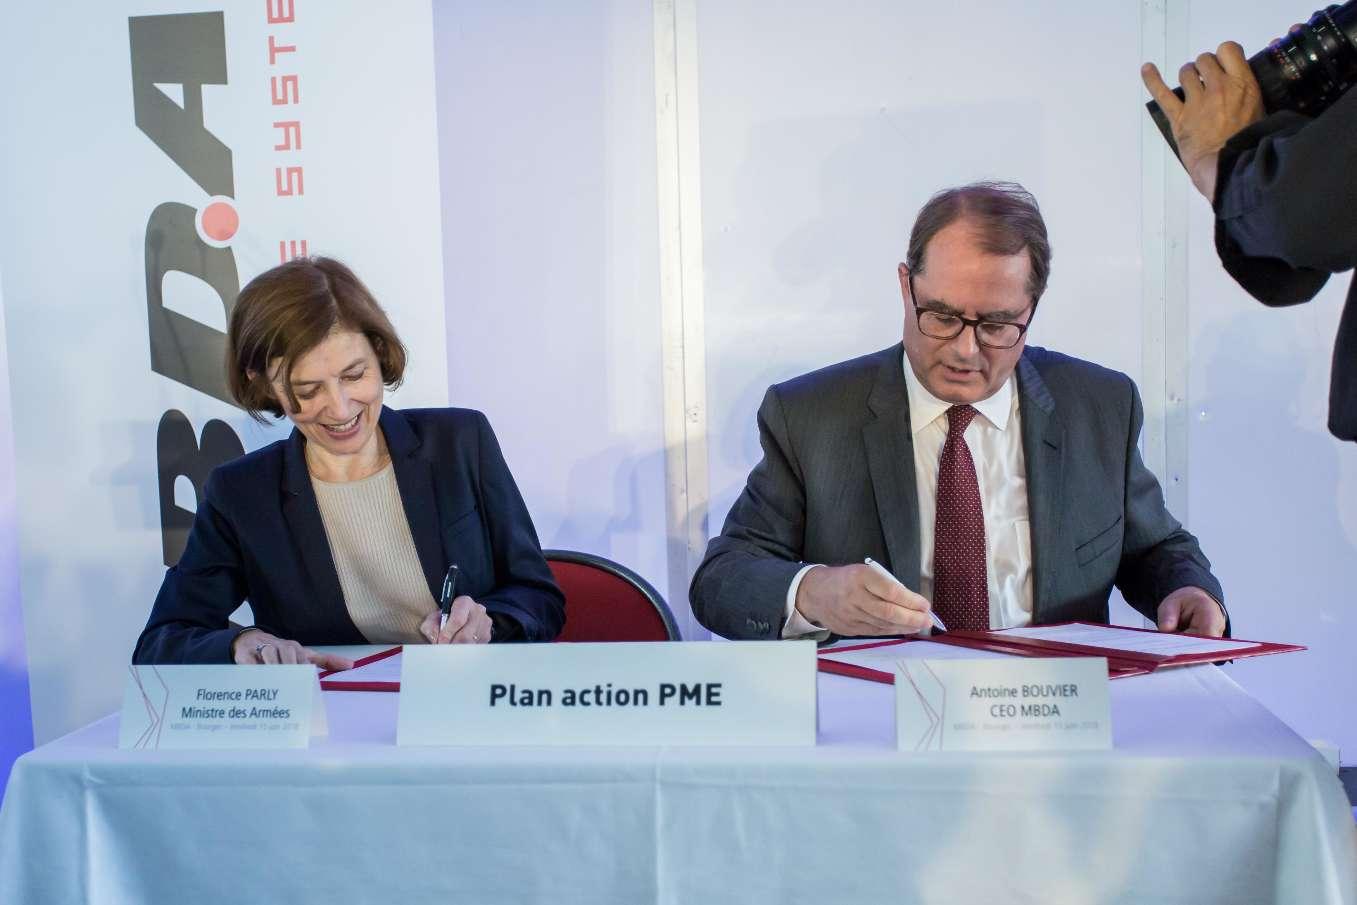 MBDA s'engage sur une convention Action PME